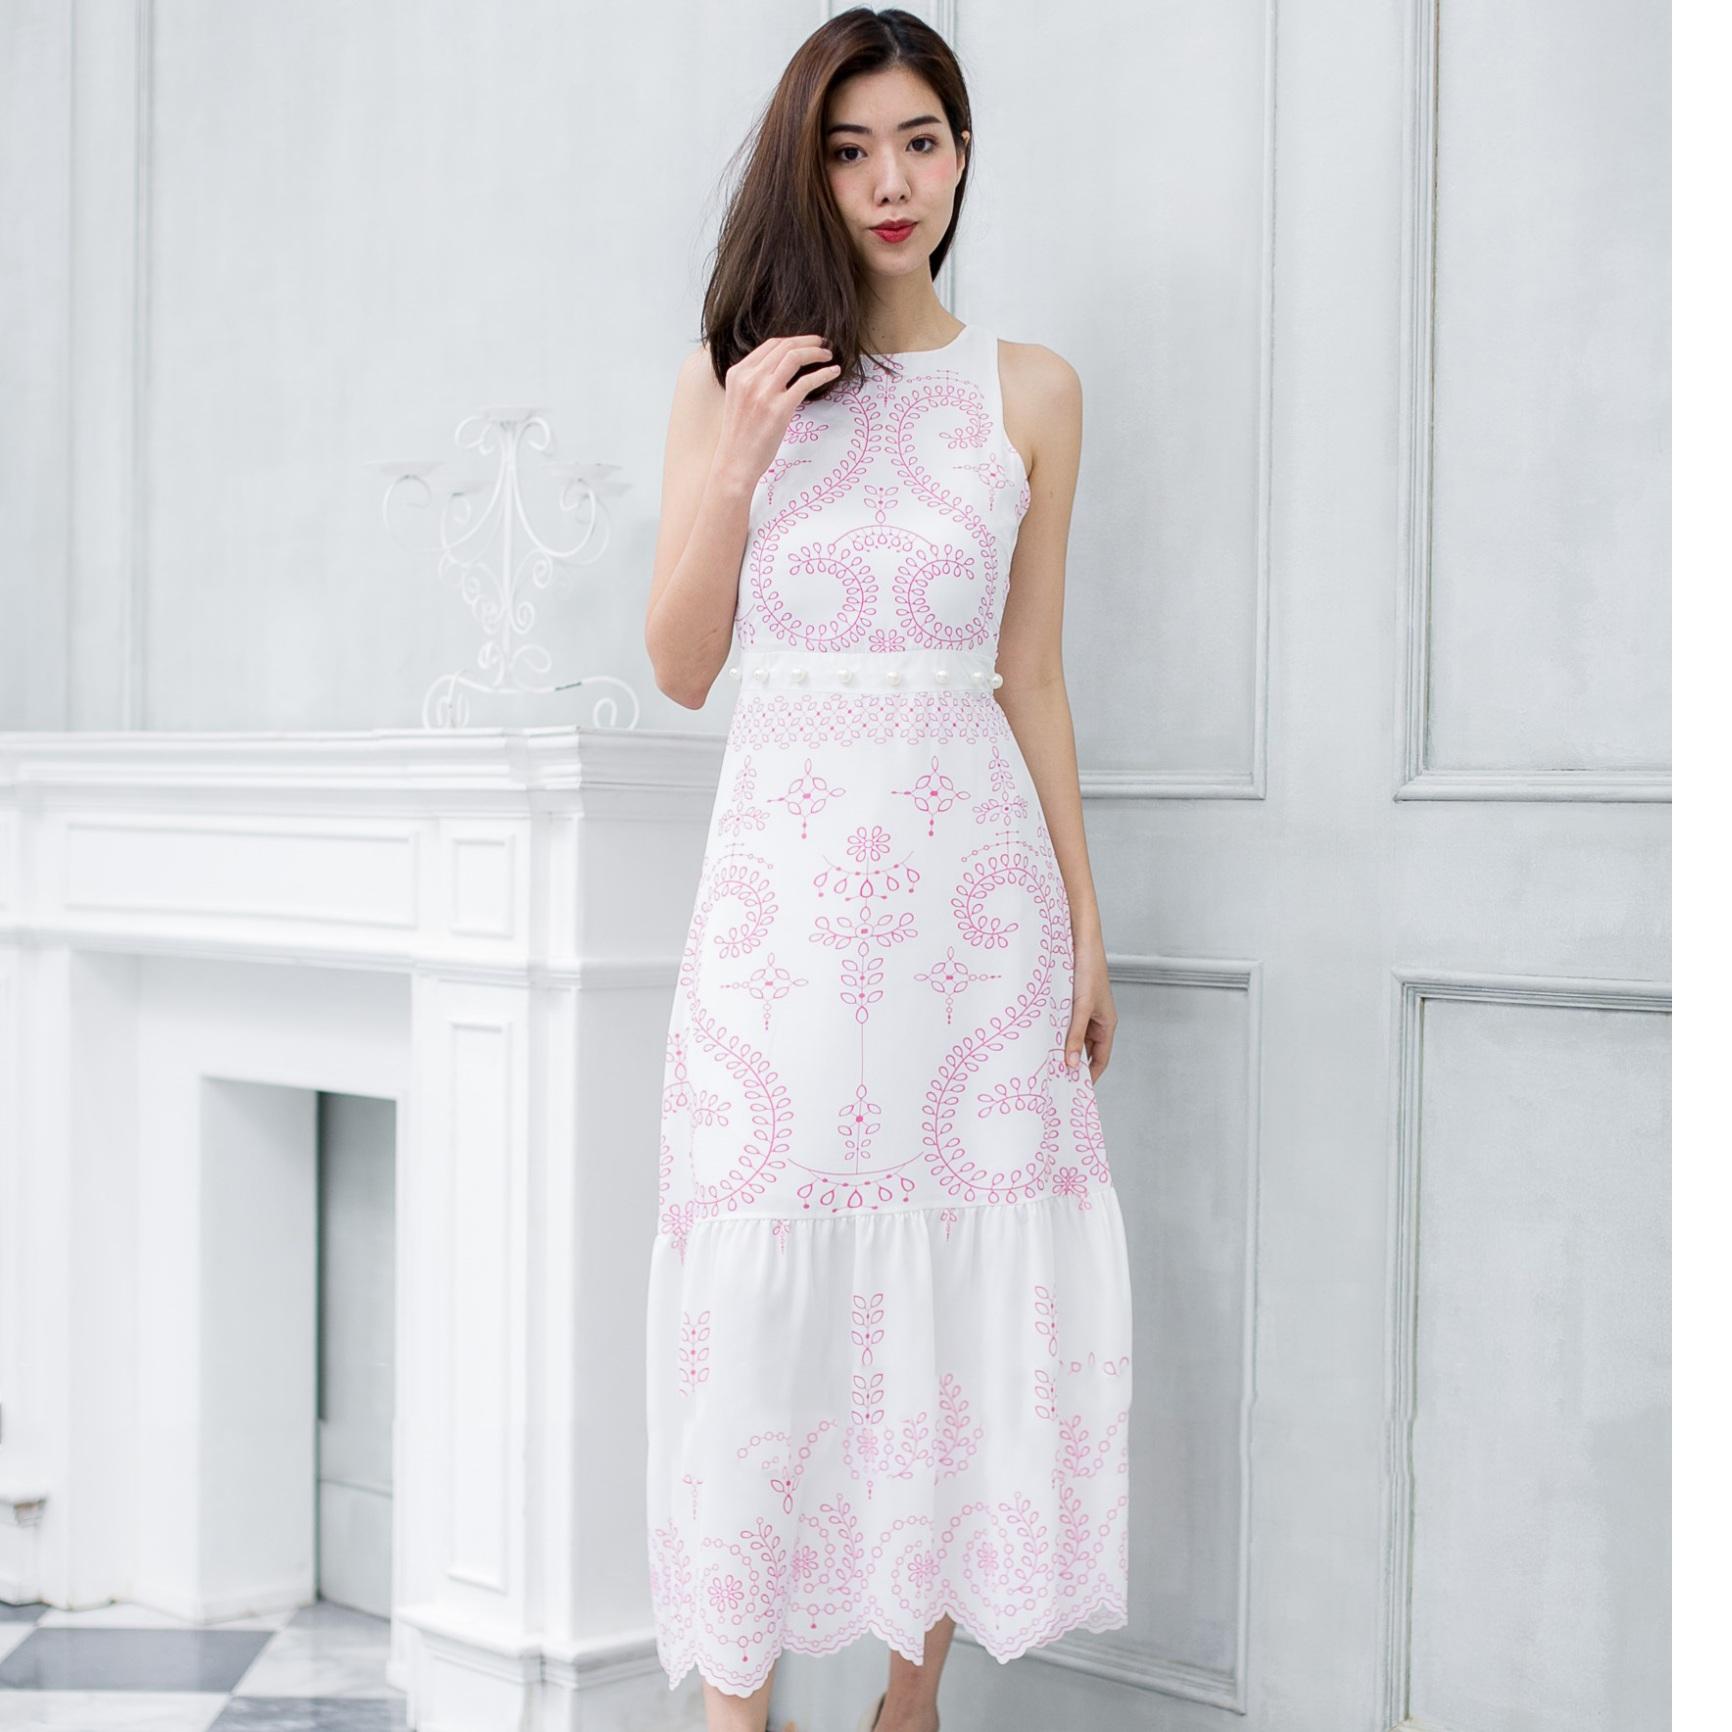 ชุดเดรสยาวสีขาว ปักลายสีชมพู ลายสวยเก๋ สไตล์สวยใส่ คุณหนูๆๆ ใส่เที่ยว ใส่ออกงานดูเด่น ใส่เที่ยวทะเลได้